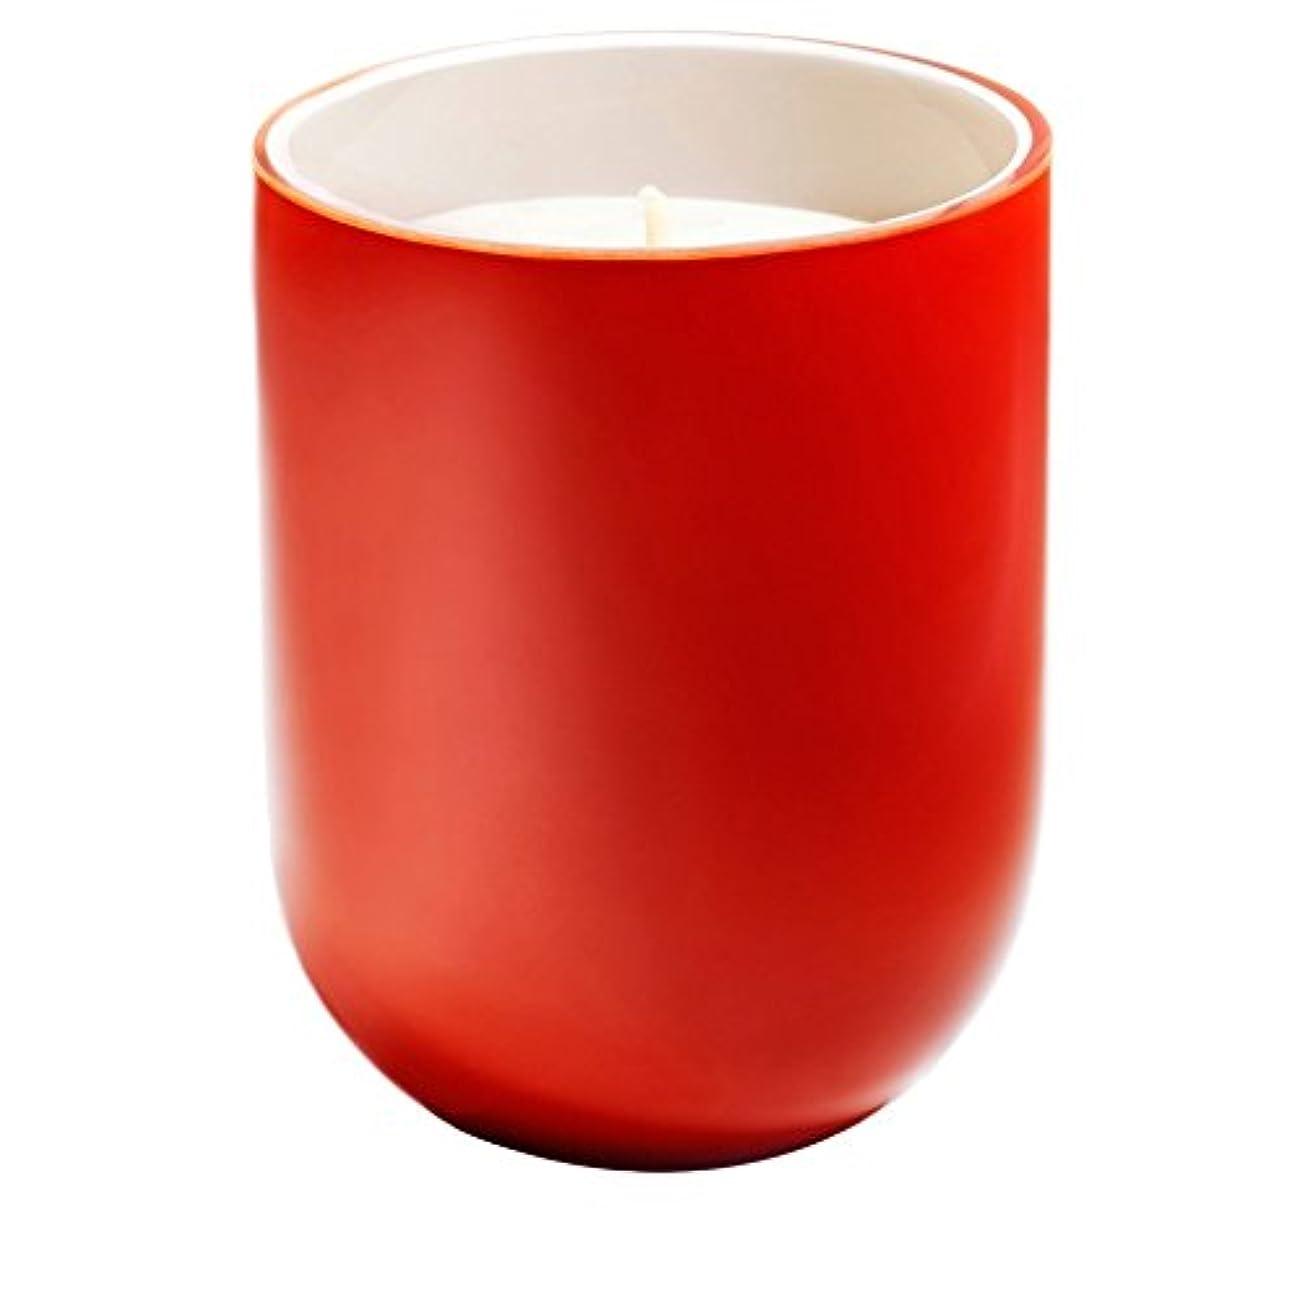 節約合意コミットメントFrederic Malle Un Gard?nia La Nuit Scented Candle (Pack of 2) - フレデリック?マル国連ガーデニア?ラ?ニュイ香りのキャンドル x2 [並行輸入品]